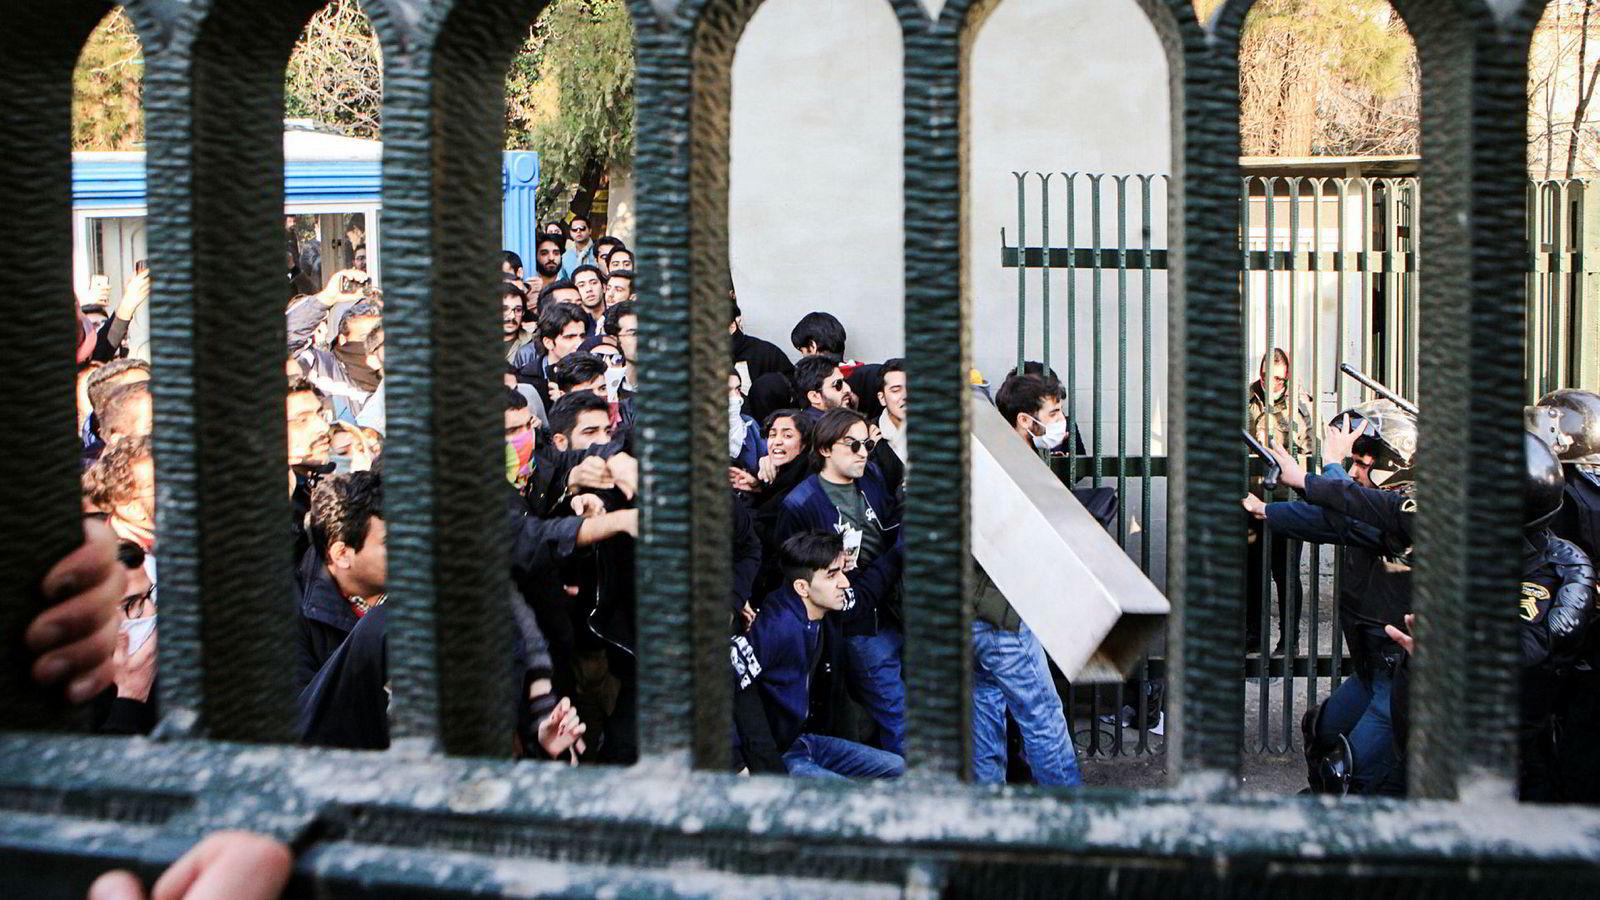 Demonstrasjonene startet i Iran torsdag og har økt i omfang. Det er spesielt arbeidsledige unge mennesker som demonstrerer. Det har vært store forventninger til økonomisk utvikling i Iran, men disse har ikke slått til.